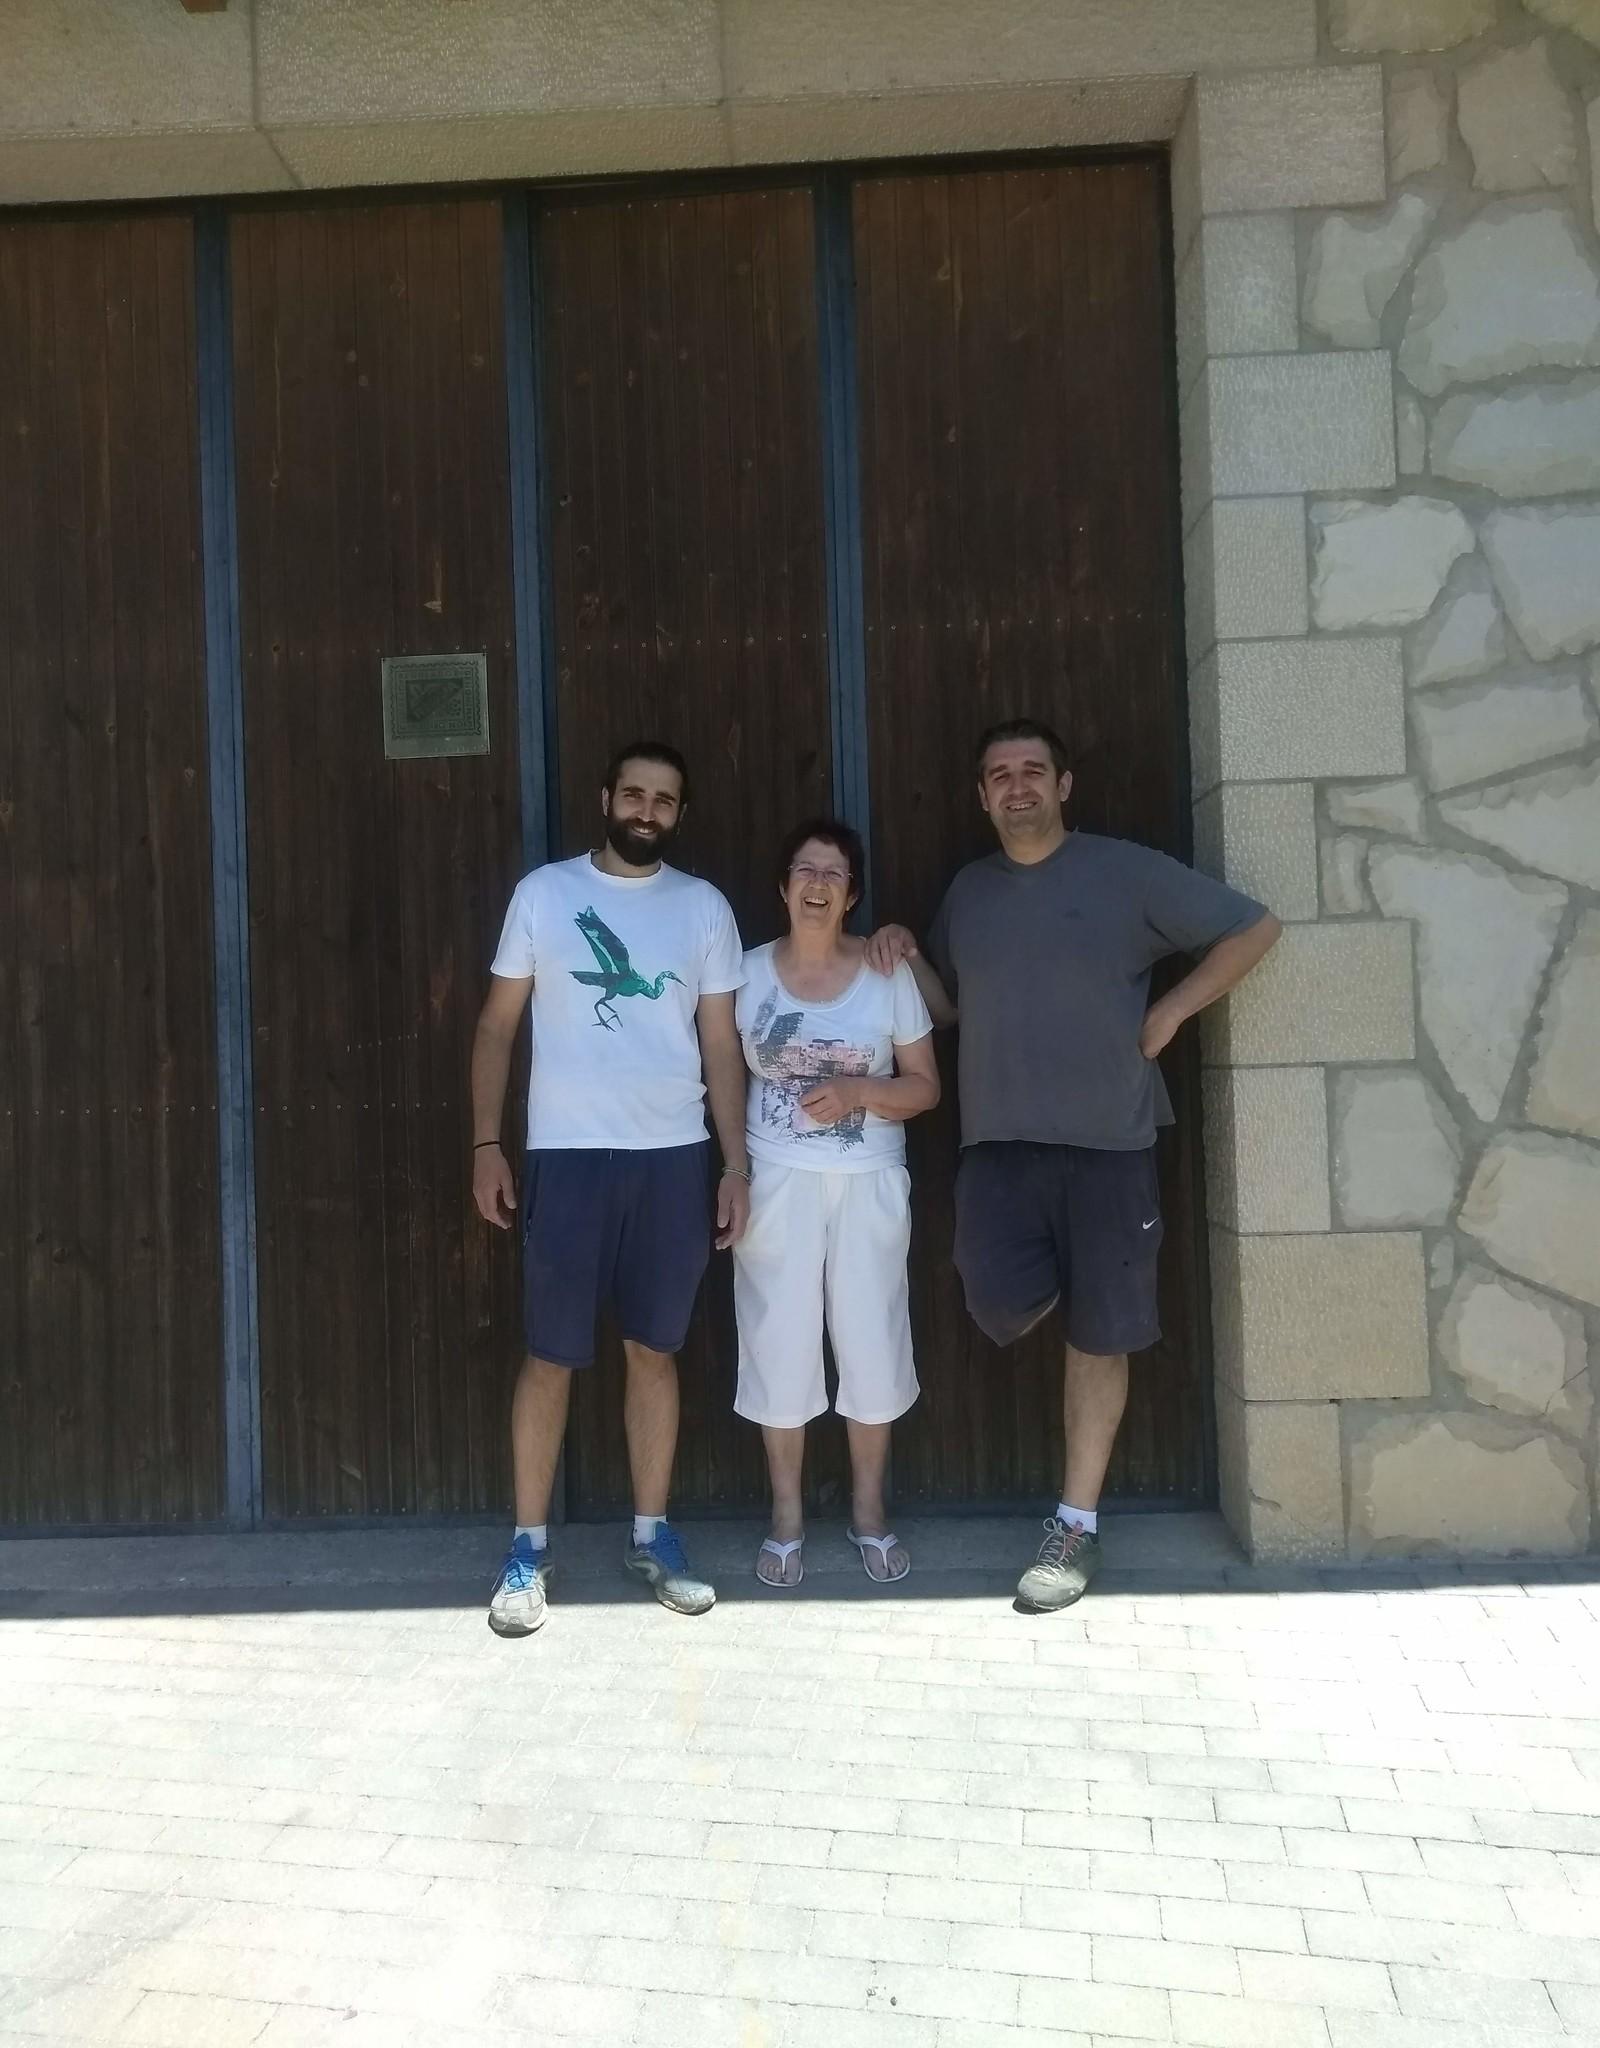 La Condenada 2016, Artuke, Rioja